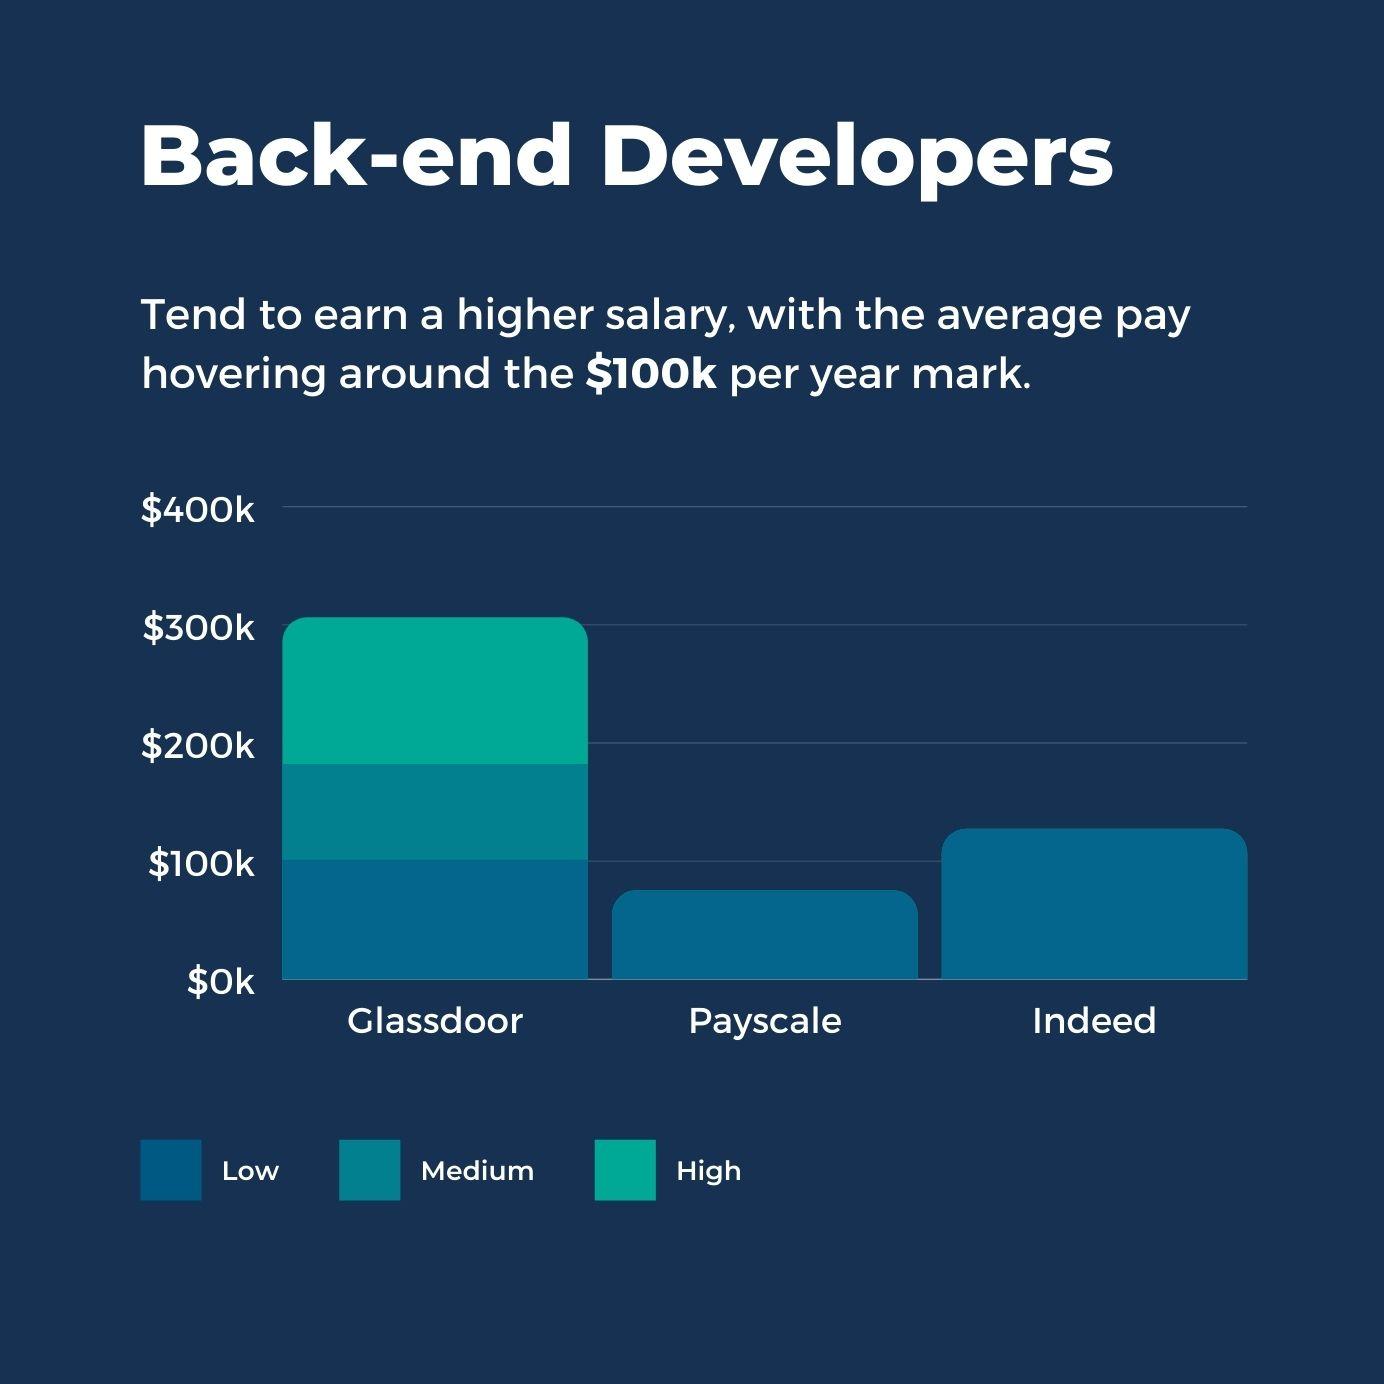 Back-end Developers Salaries